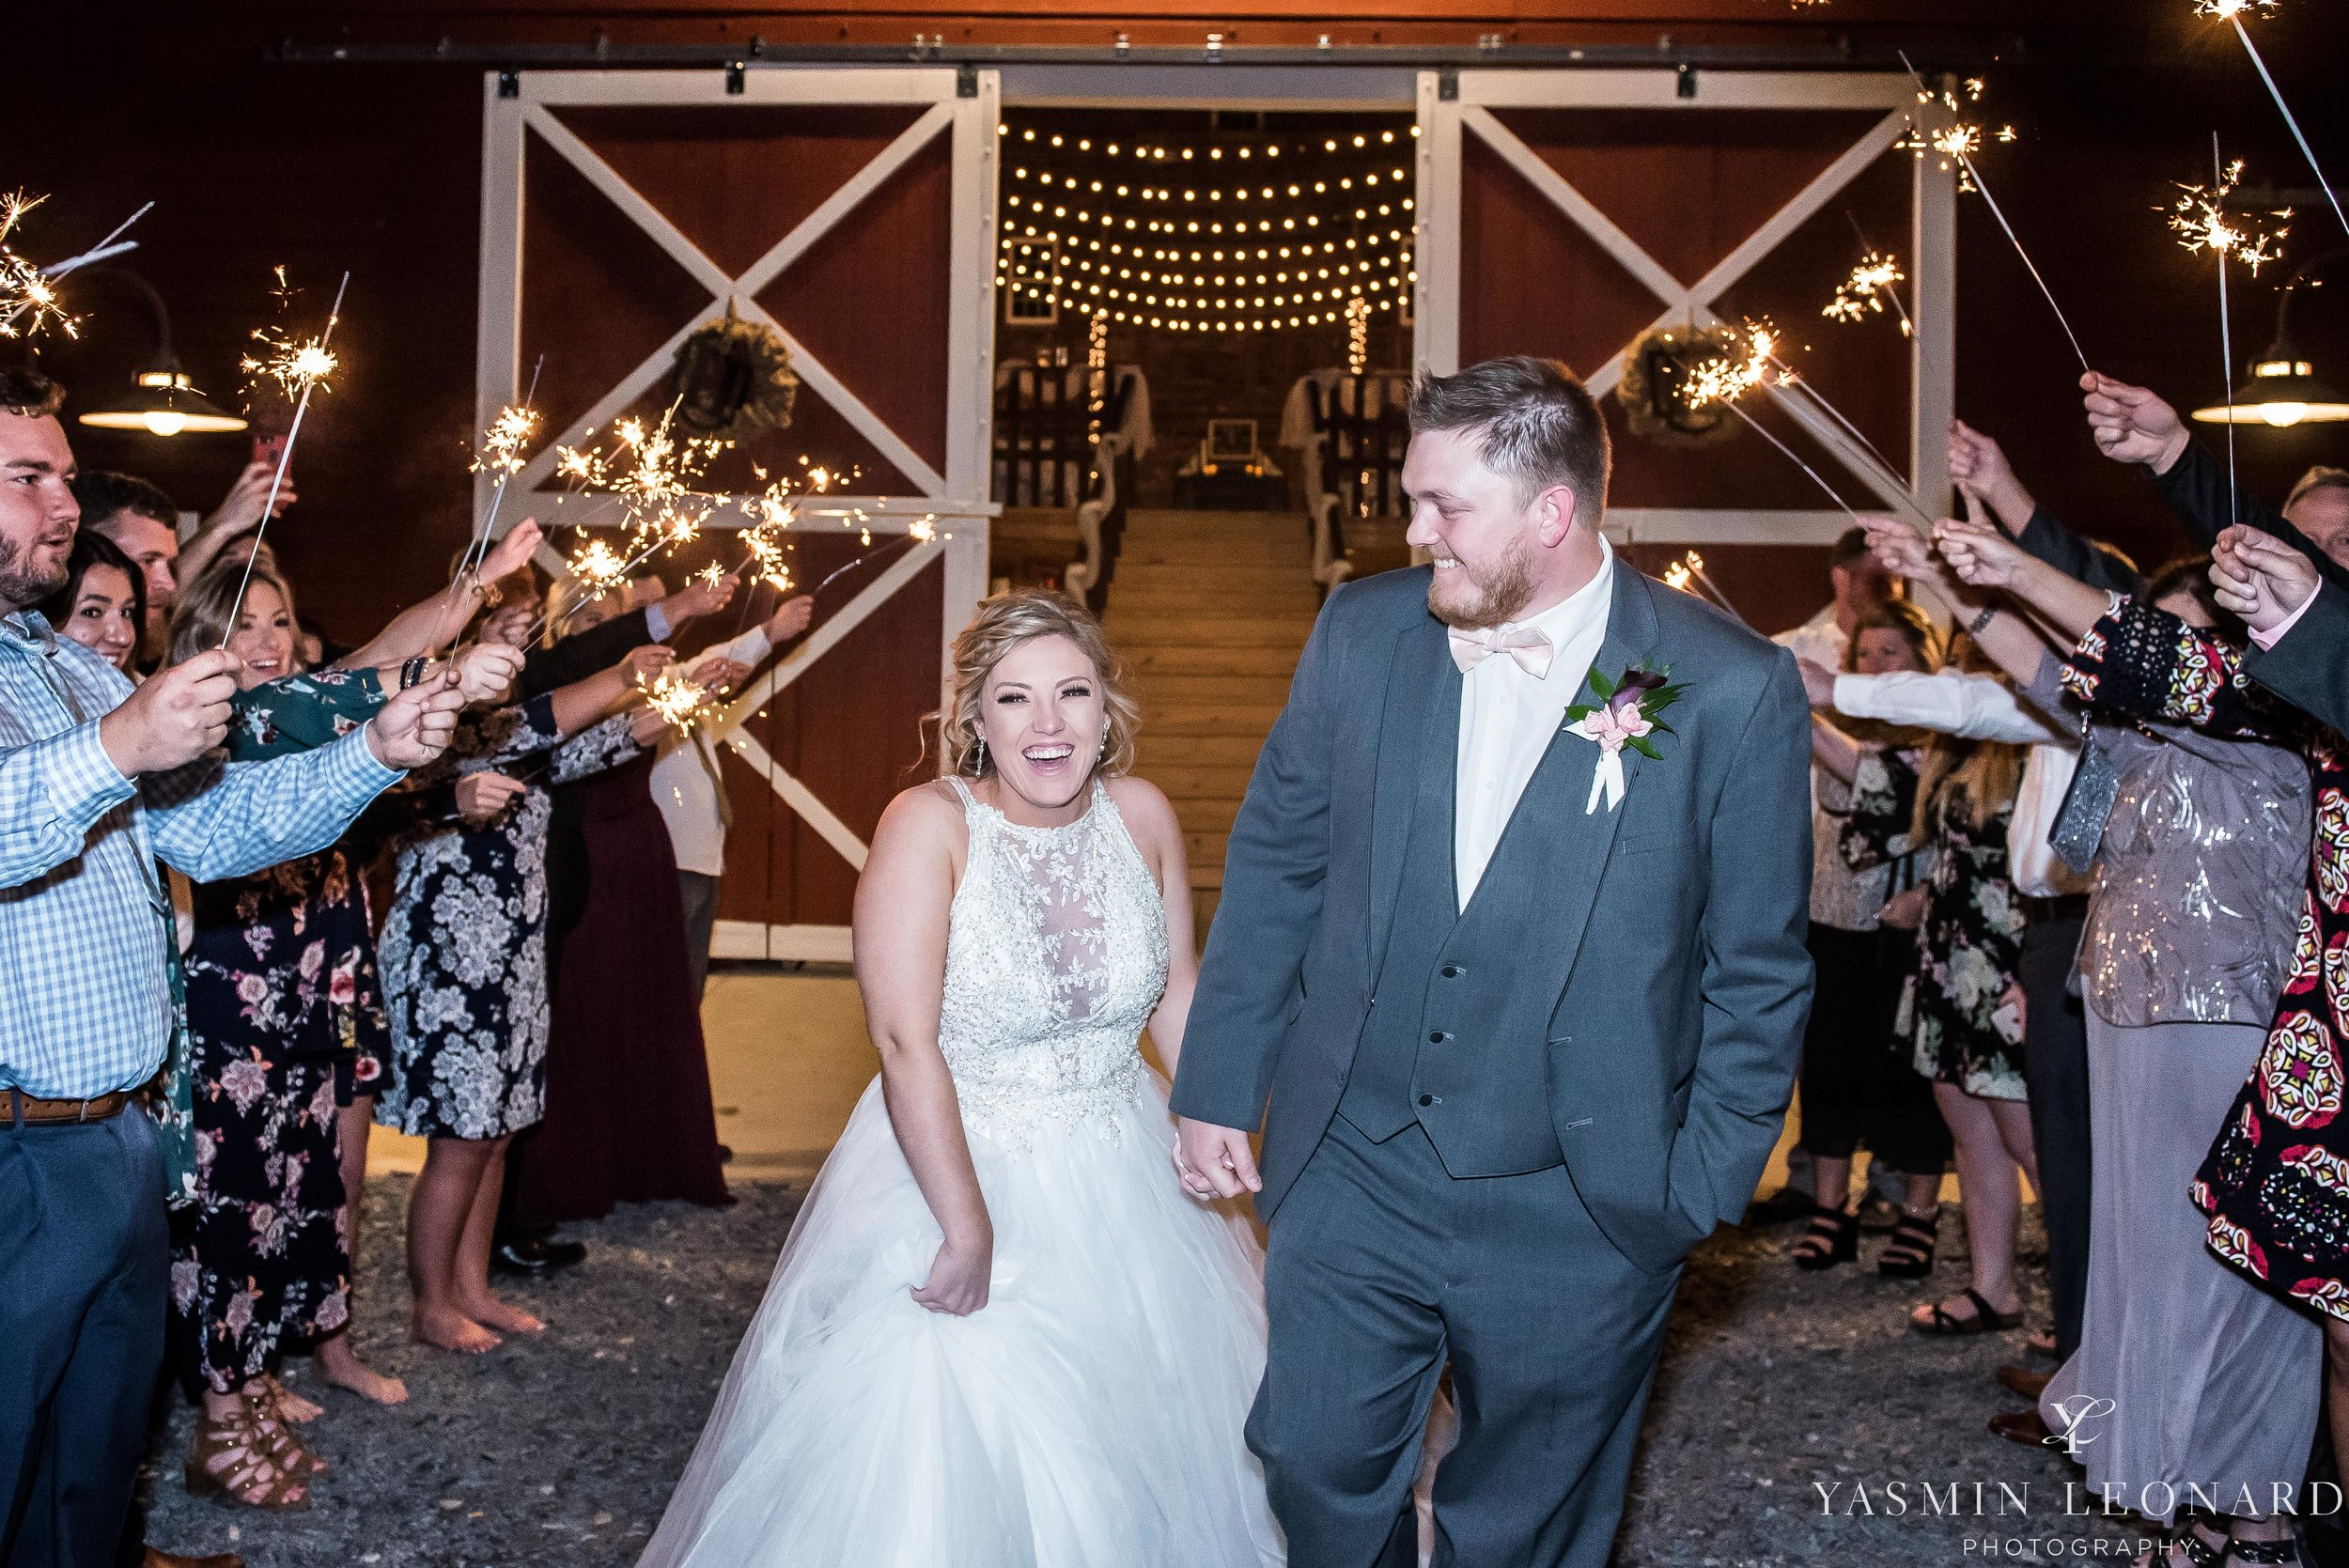 Millikan Farms - Millikan Farms Wedding - Sophia NC Wedding - NC Wedding - NC Wedding Photographer - Yasmin Leonard Photography - High Point Photographer - Barn Wedding - Wedding Venues in NC - Triad Wedding Photographer-97.jpg